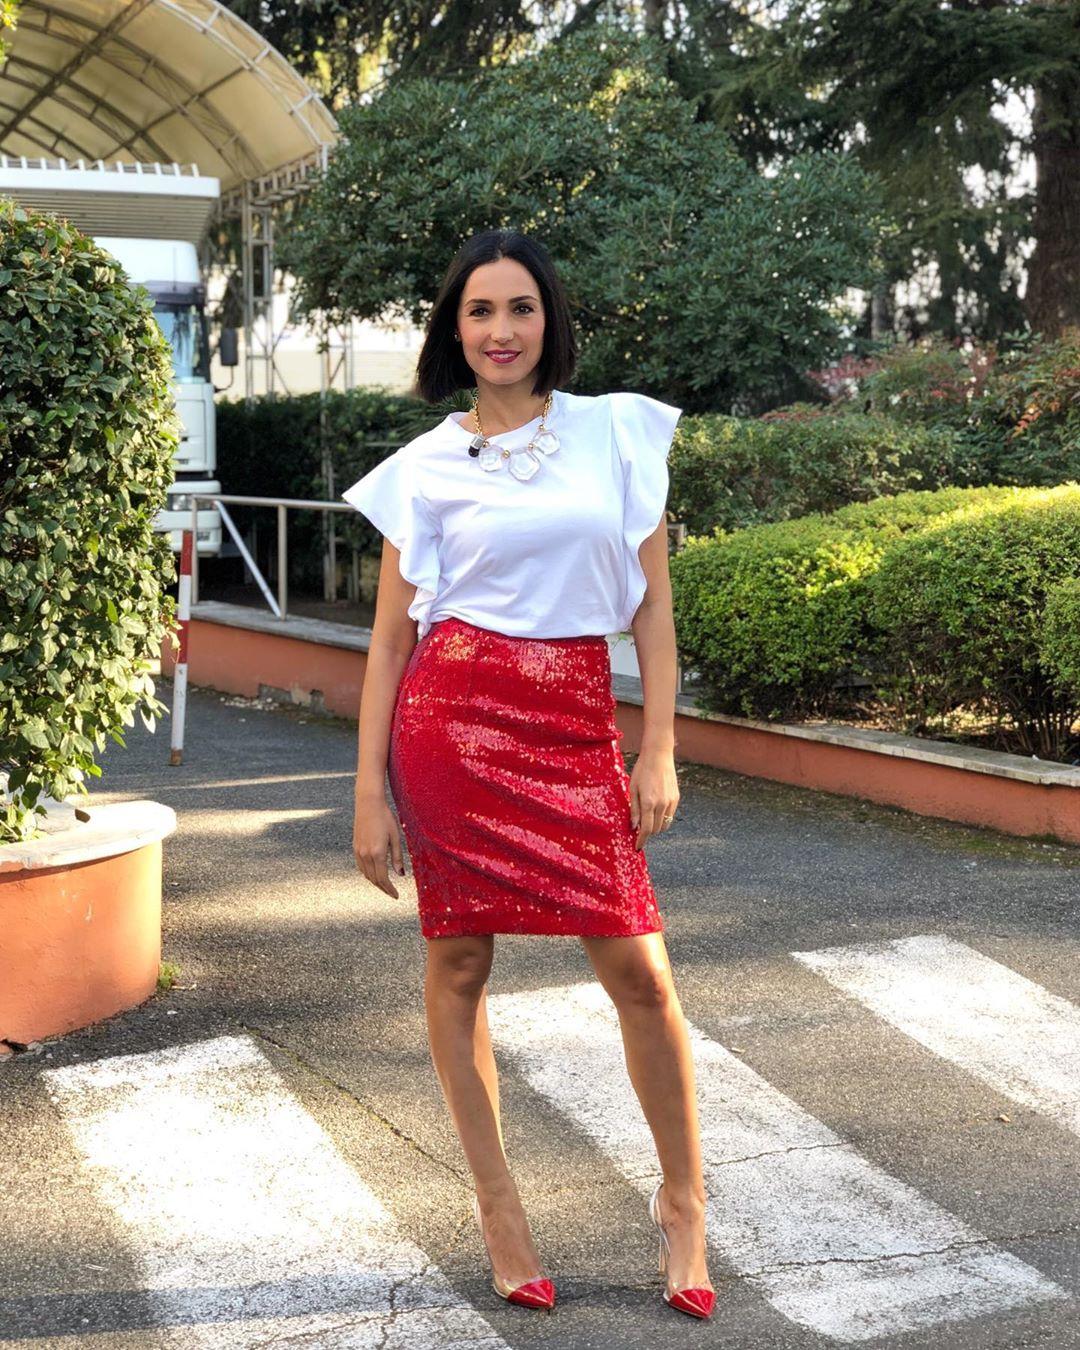 Caterina Balivo e il gossip sulla dolce attesa : Sei incinta? No, mangio!